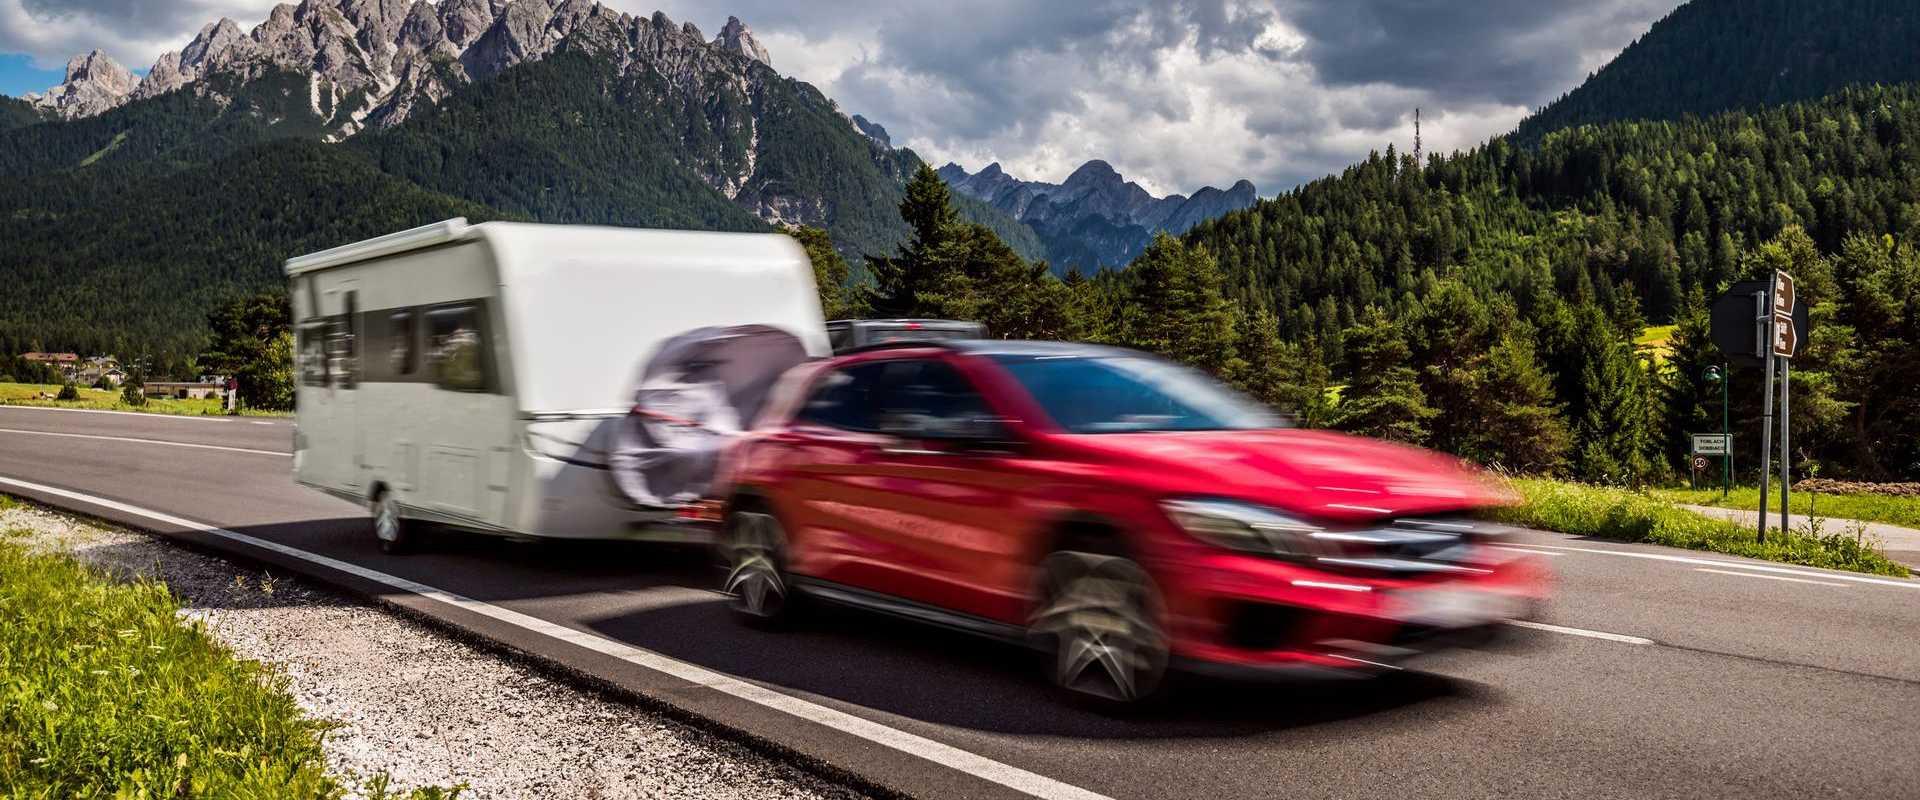 S karavanem, přívěsem po Evropě